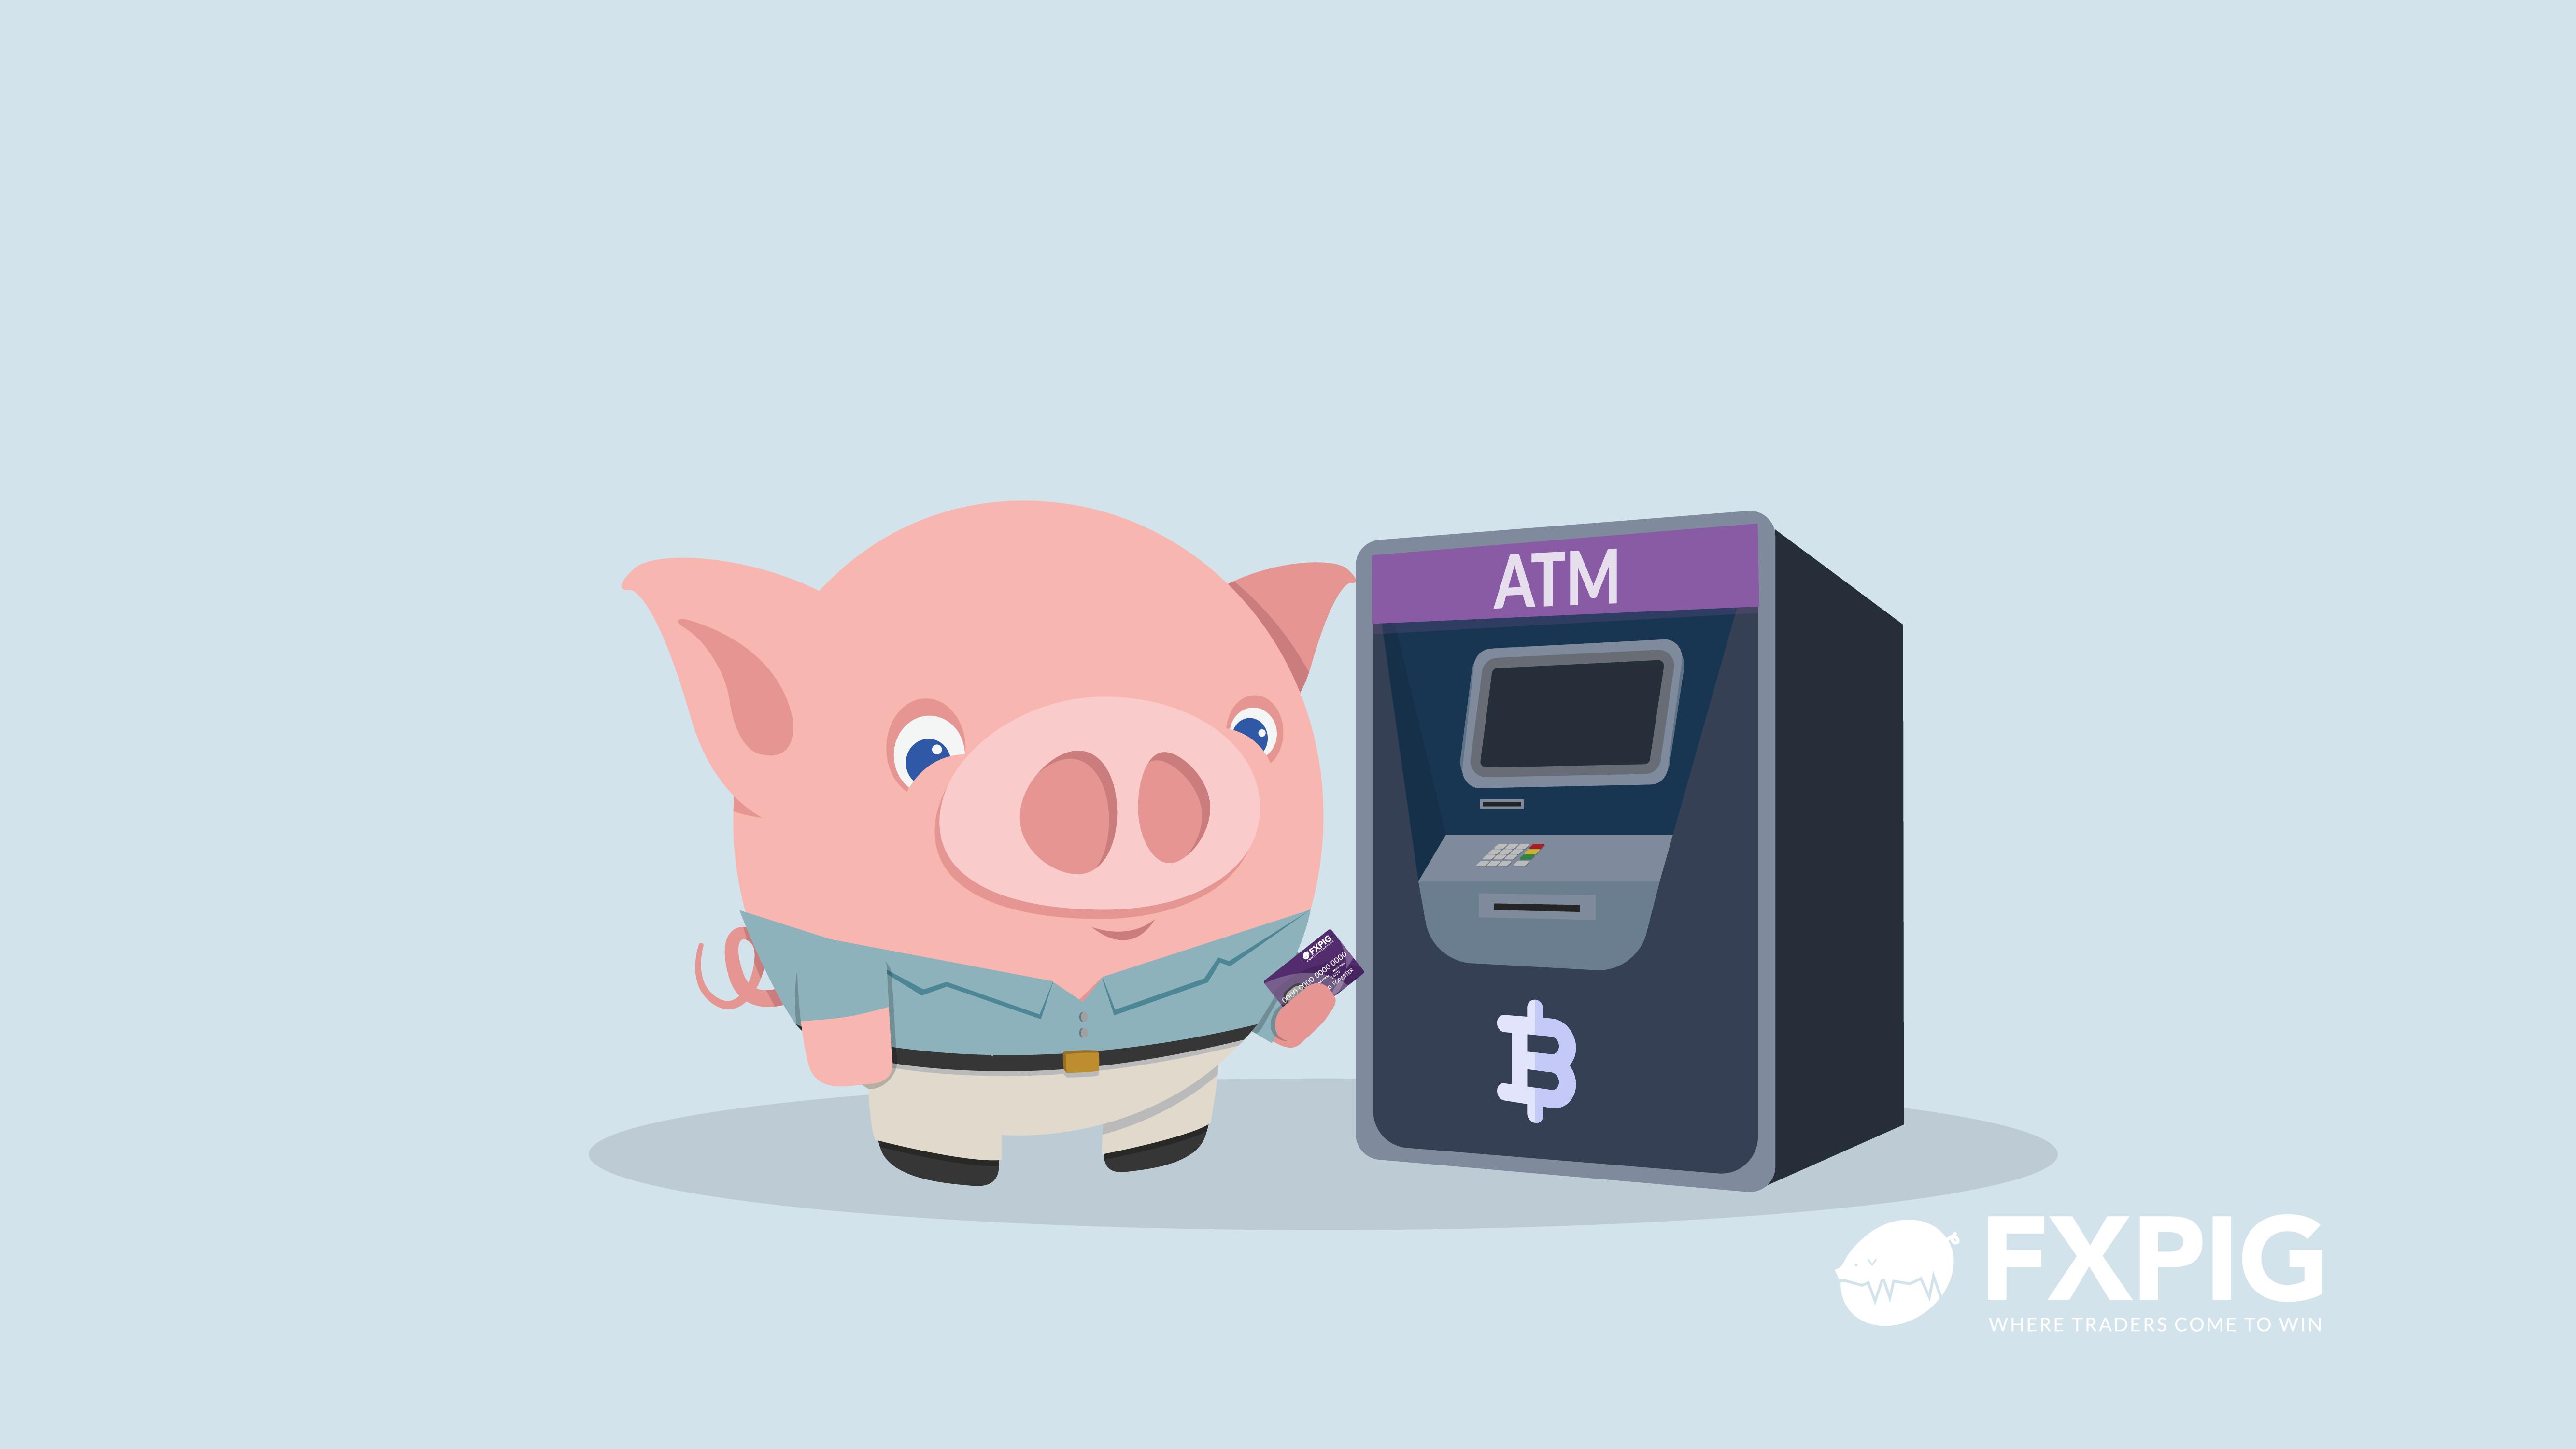 ATM_BTC_FXPIG